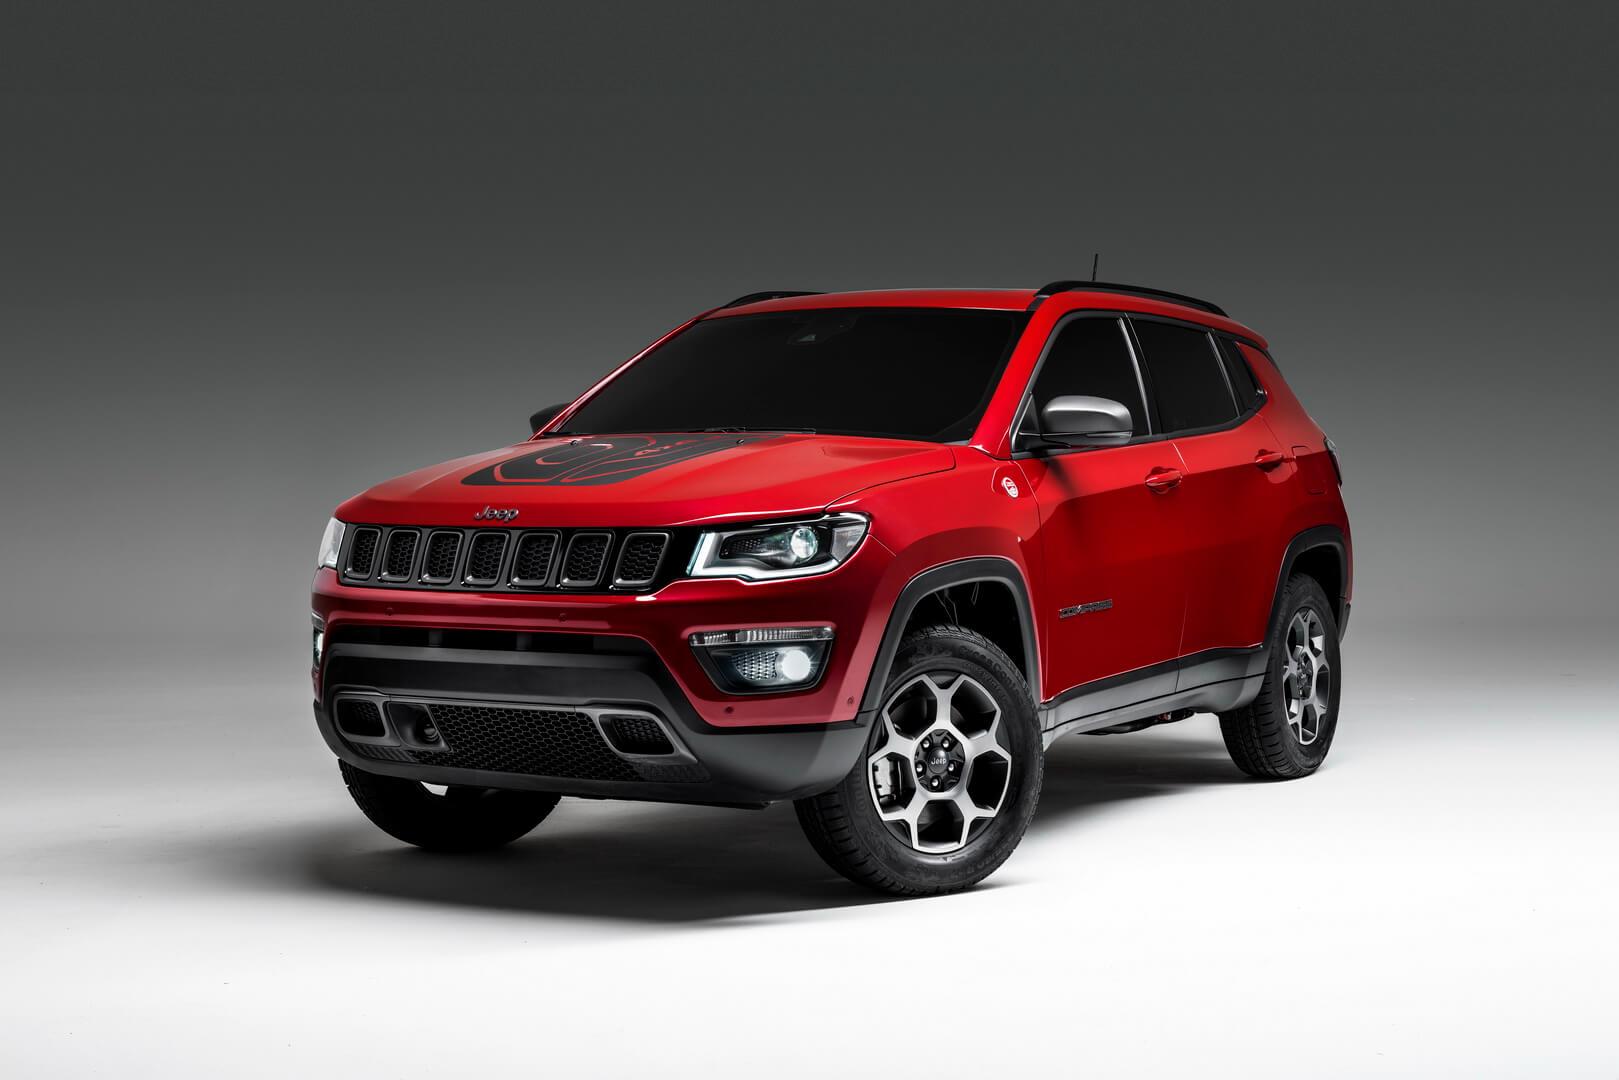 Плагин-гибрид Jeep Compass